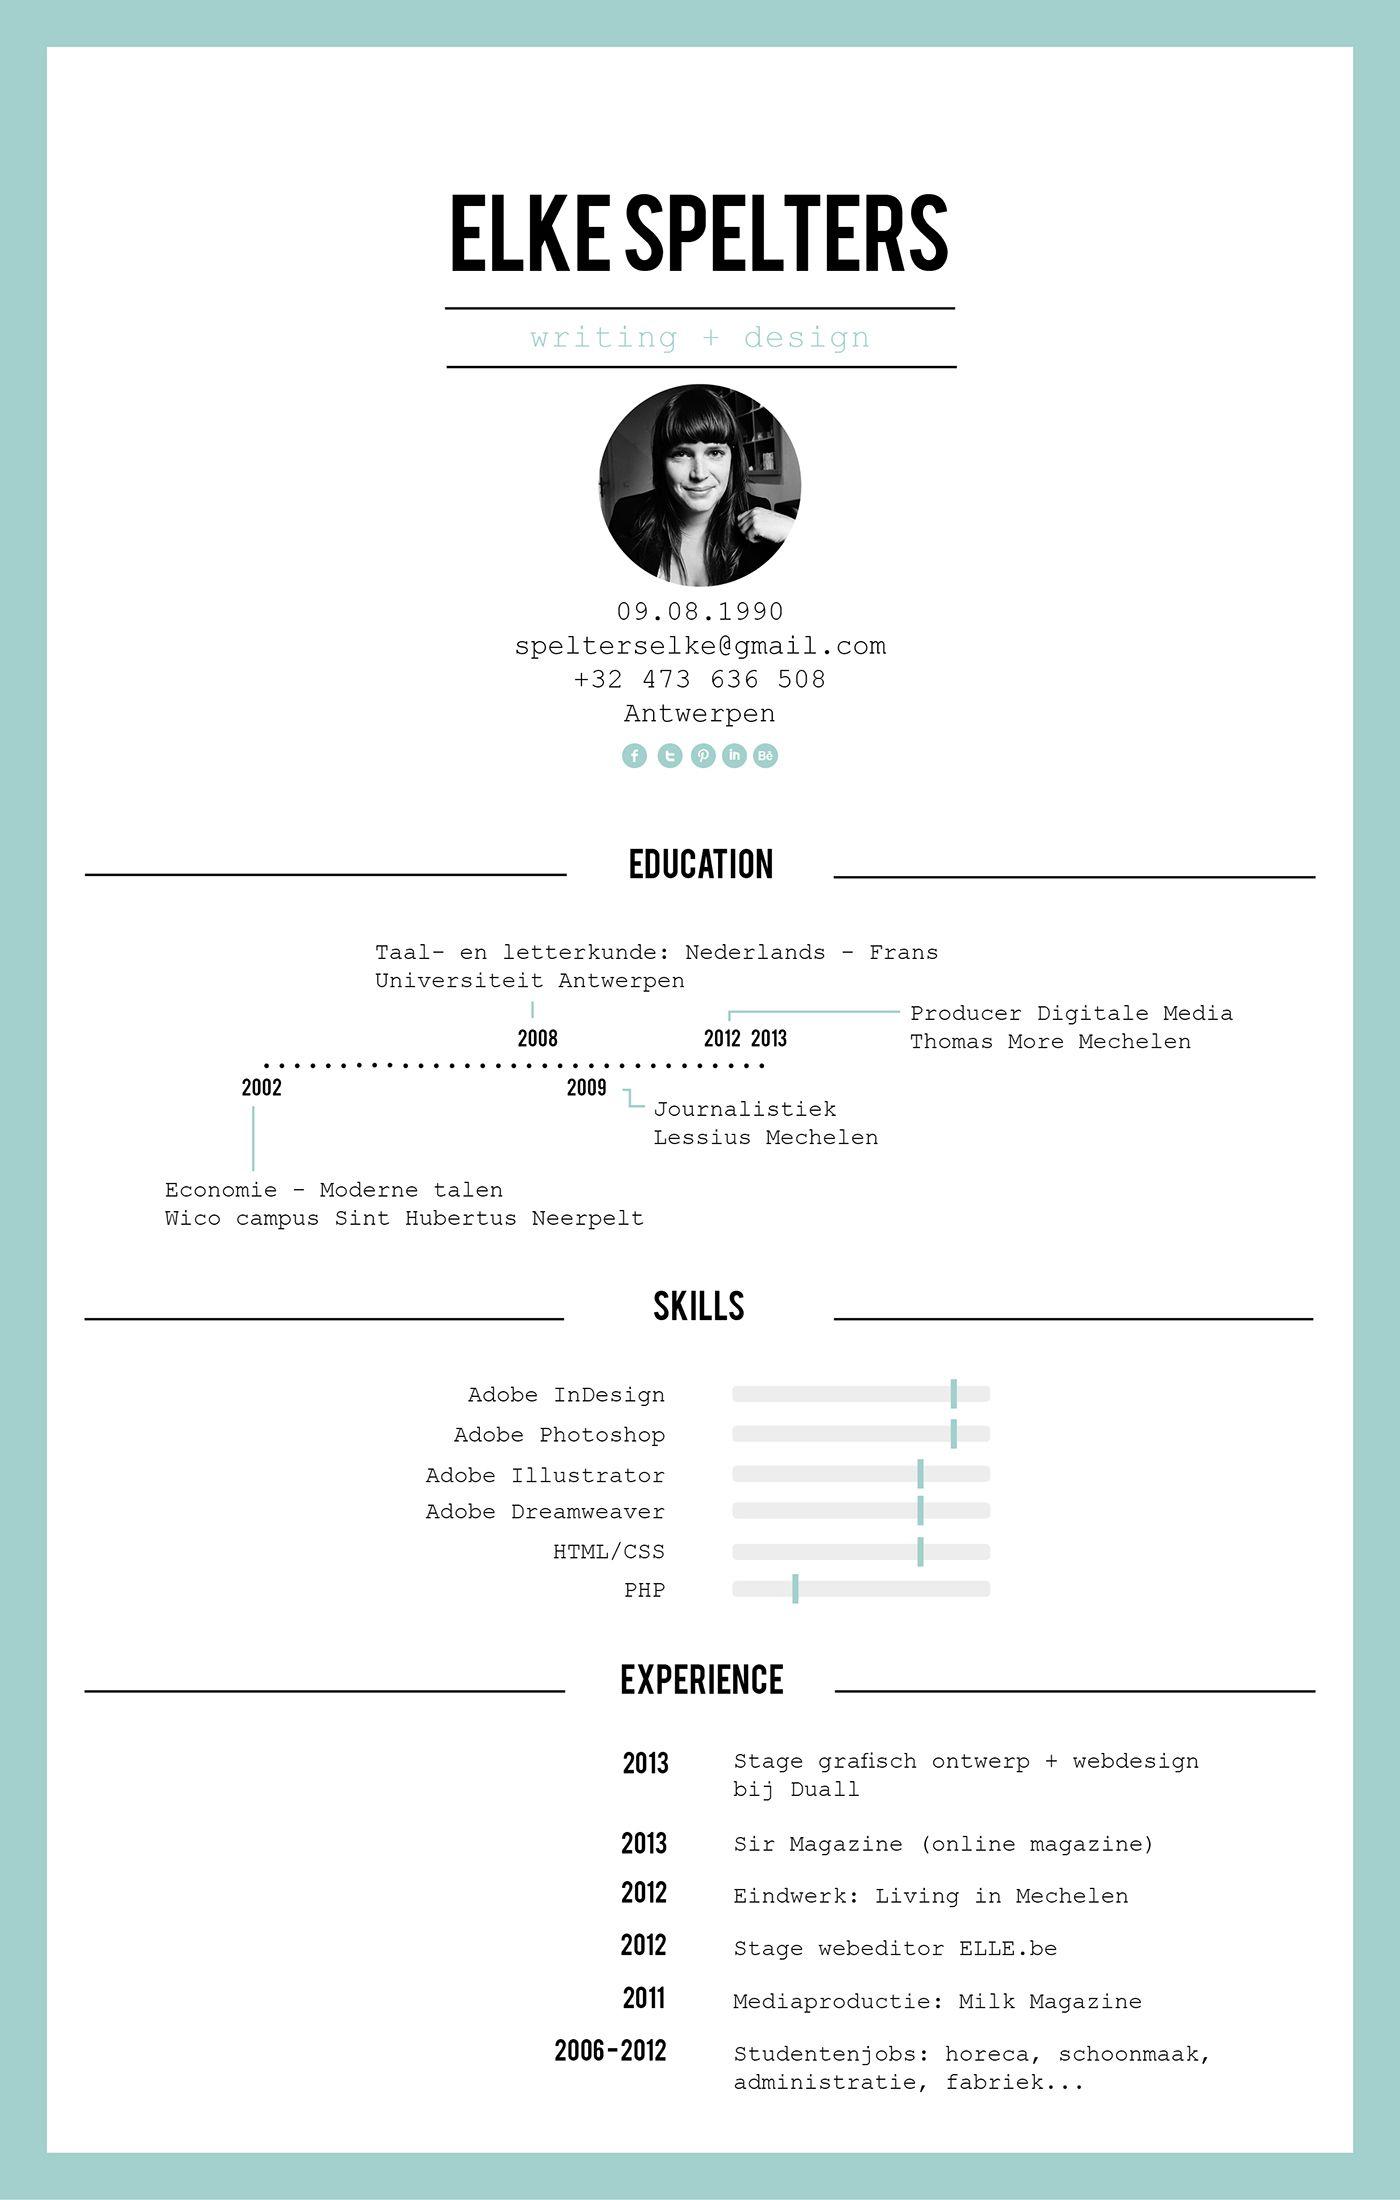 Personal resume. Graphic design resume, Resume design